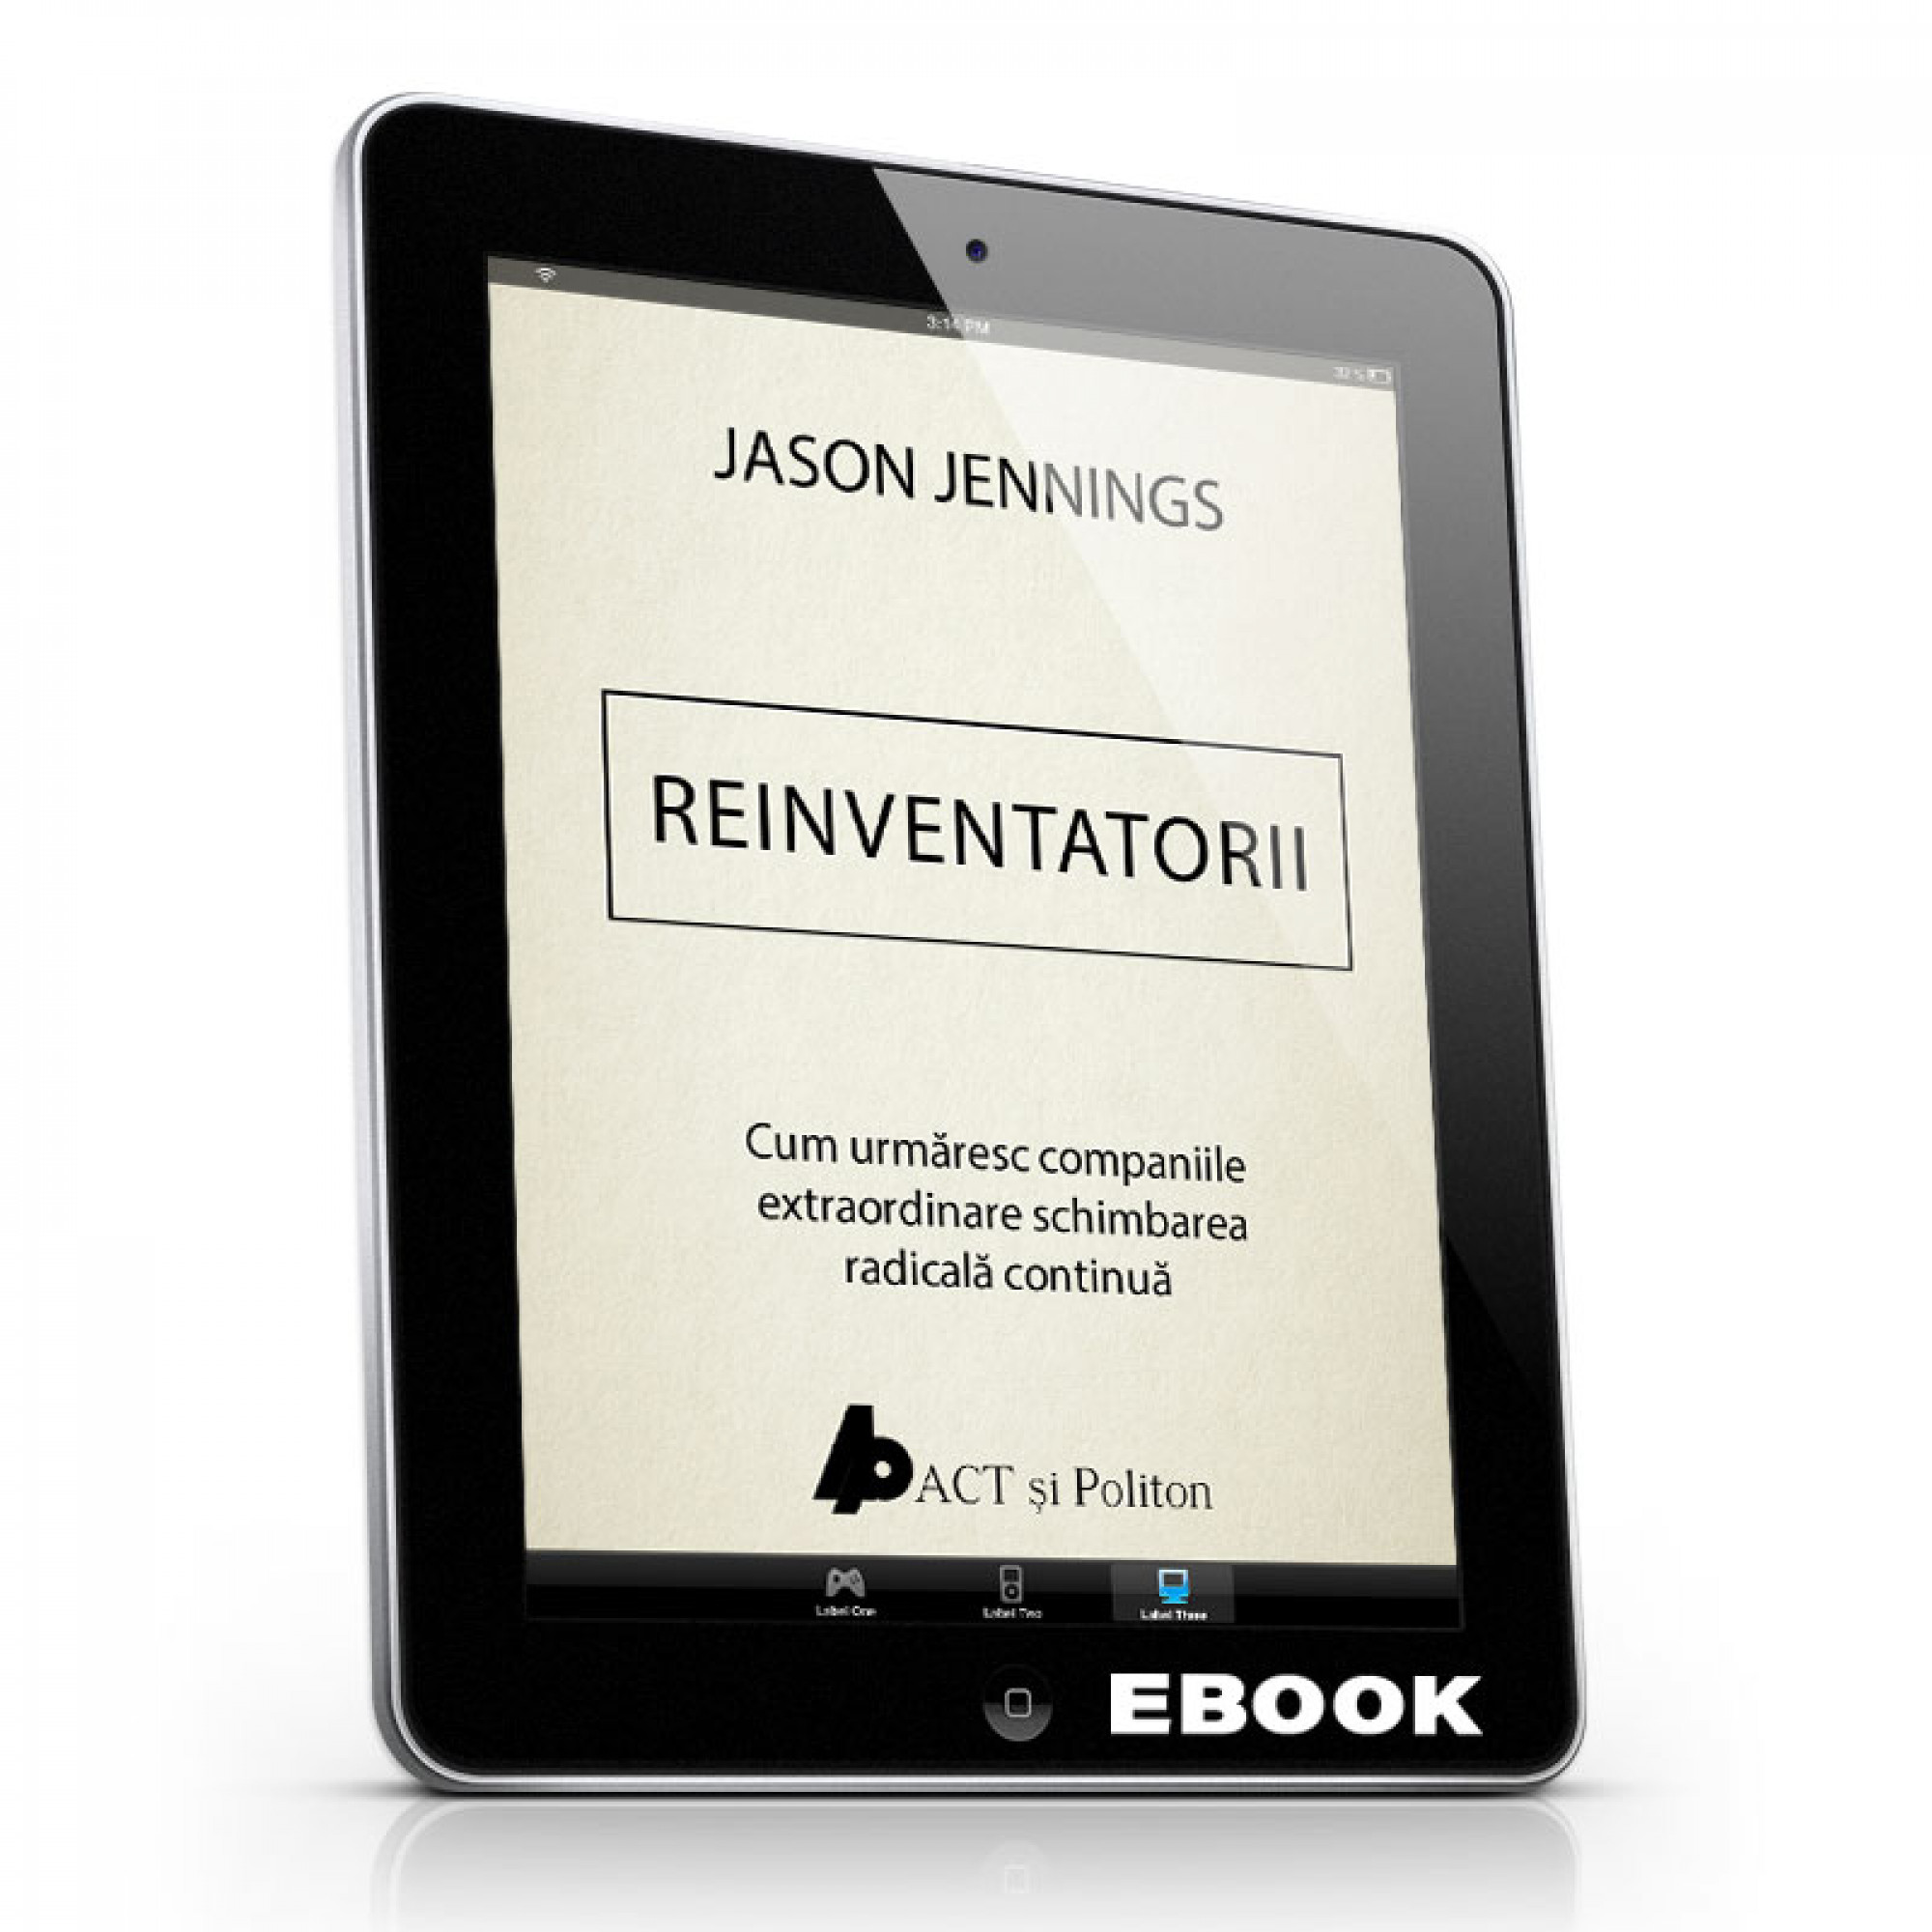 Reinventatorii. Cum urmăresc companiile extraordinare schimbarea radicală continuă; Jason Jennings